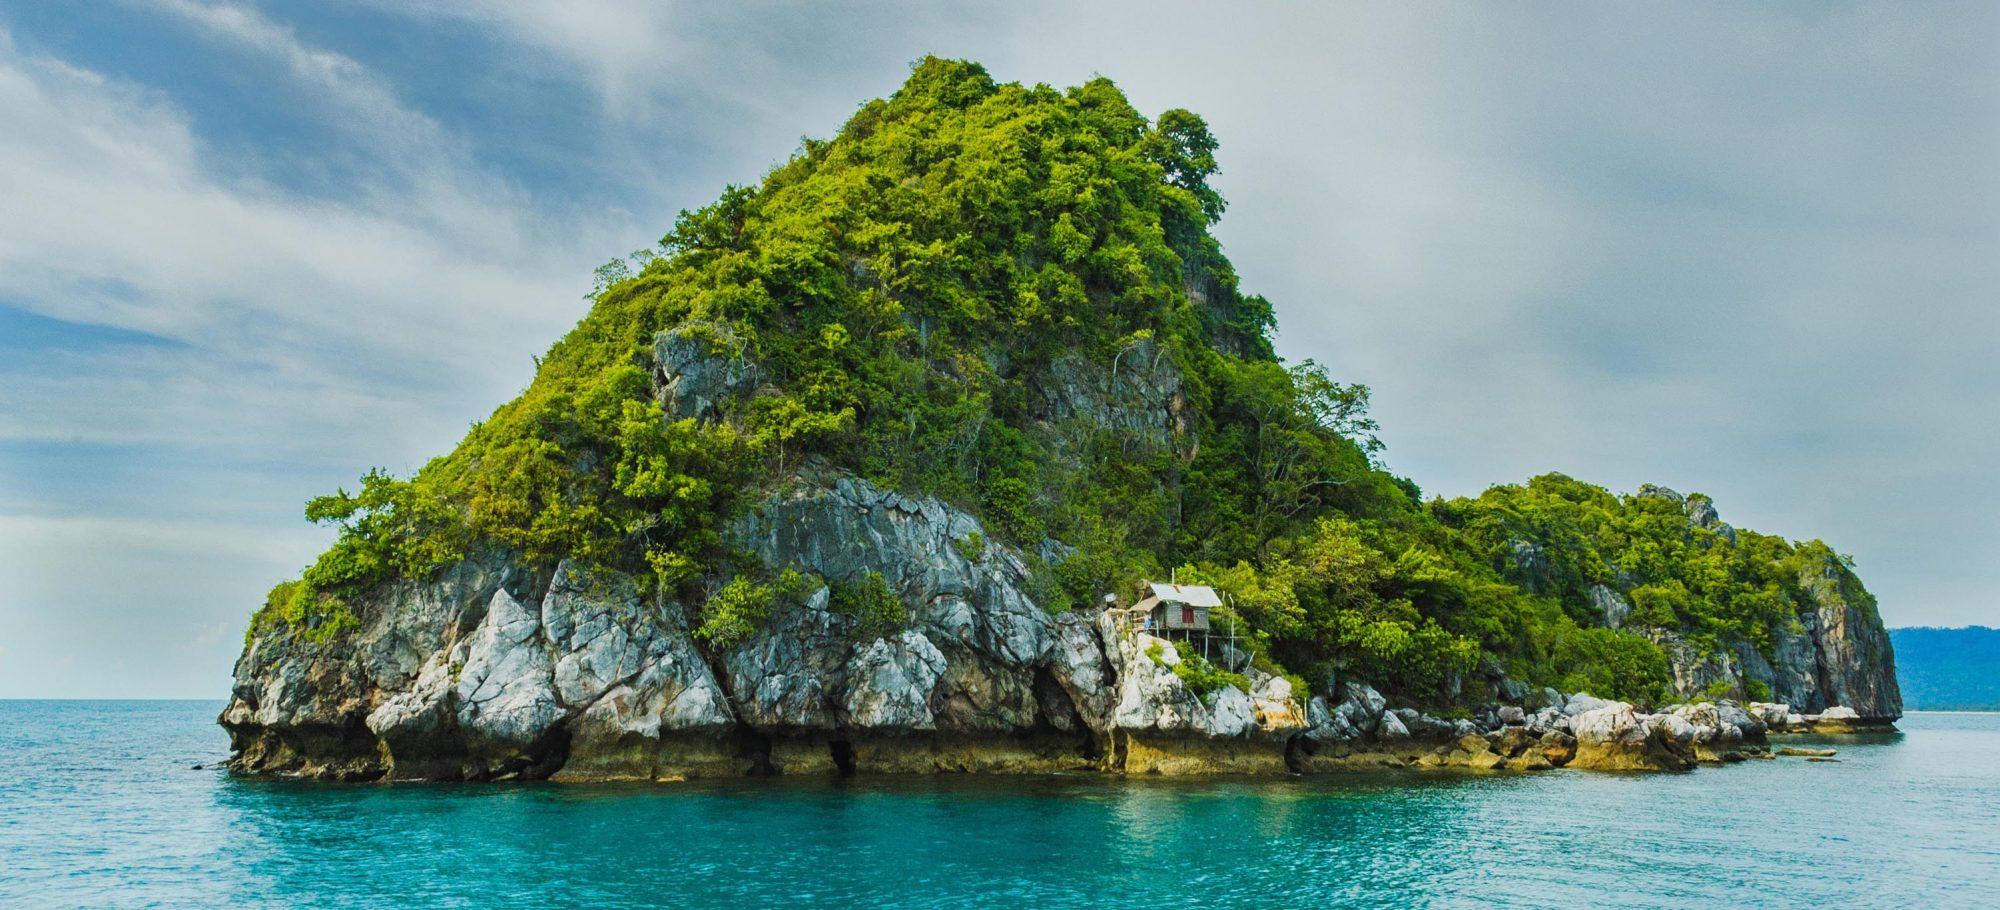 Bahagol, la intangible y secreta isla de Filipinas